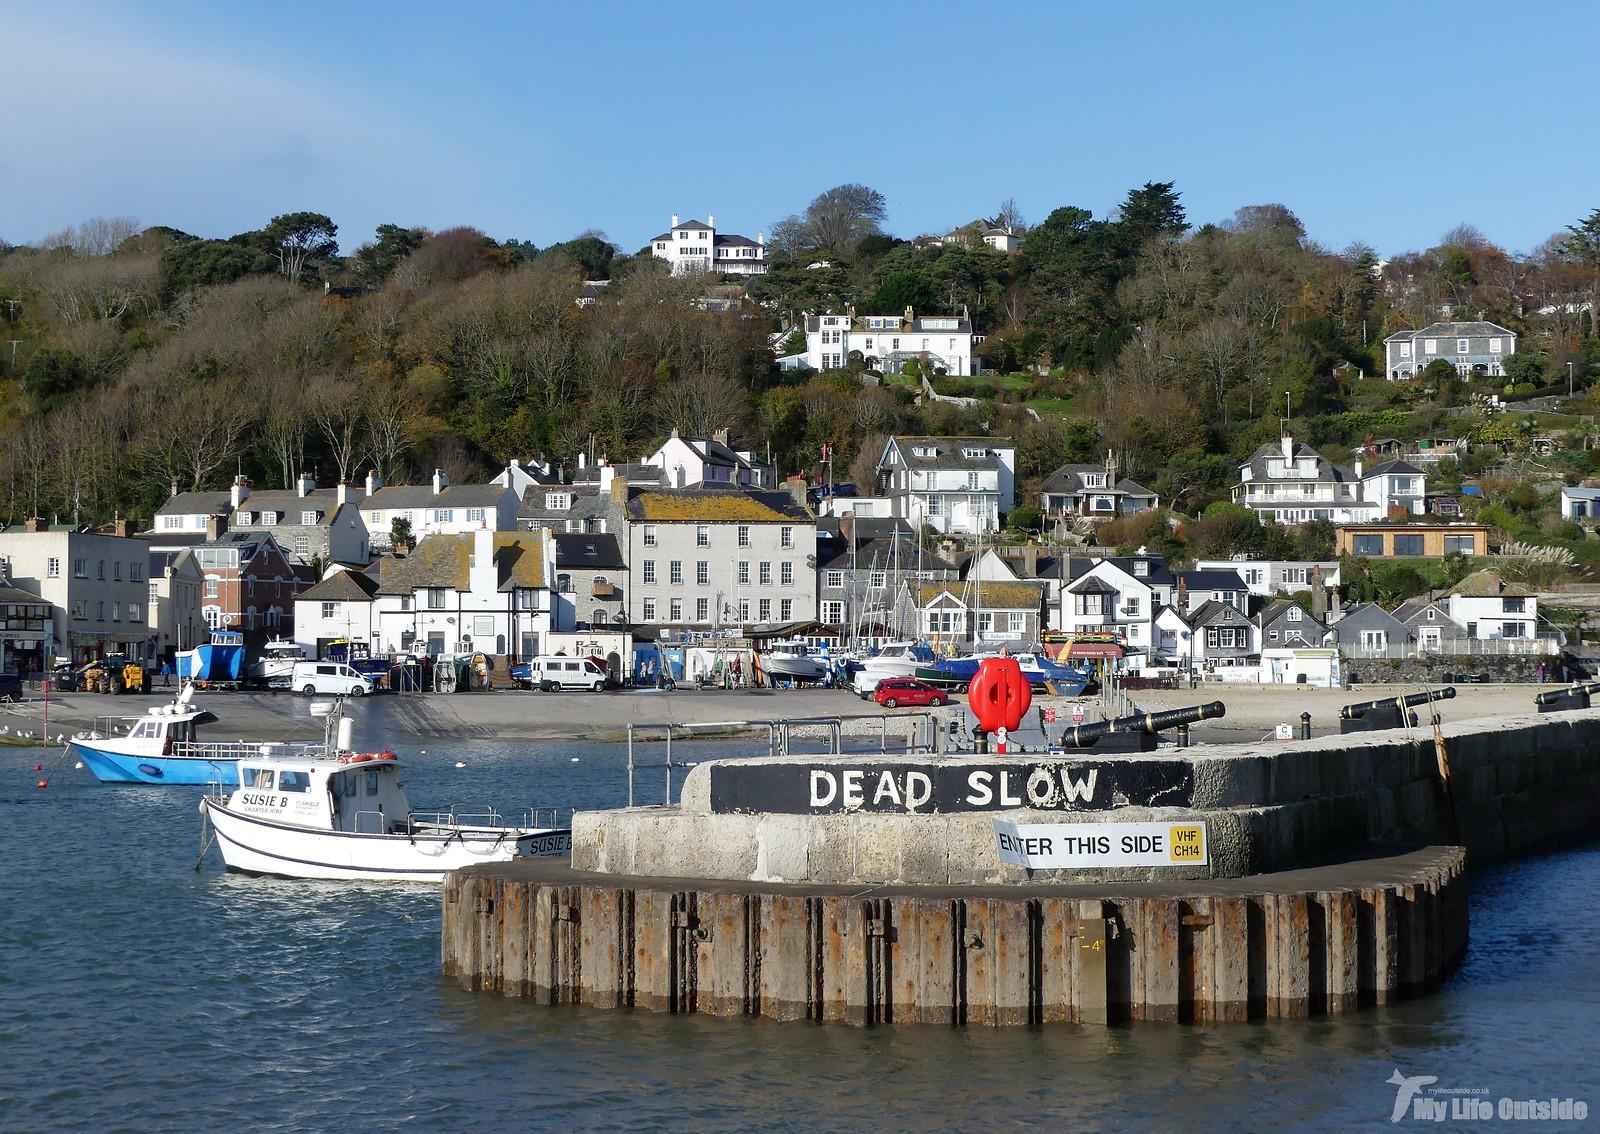 P1220517 - Lyme Regis